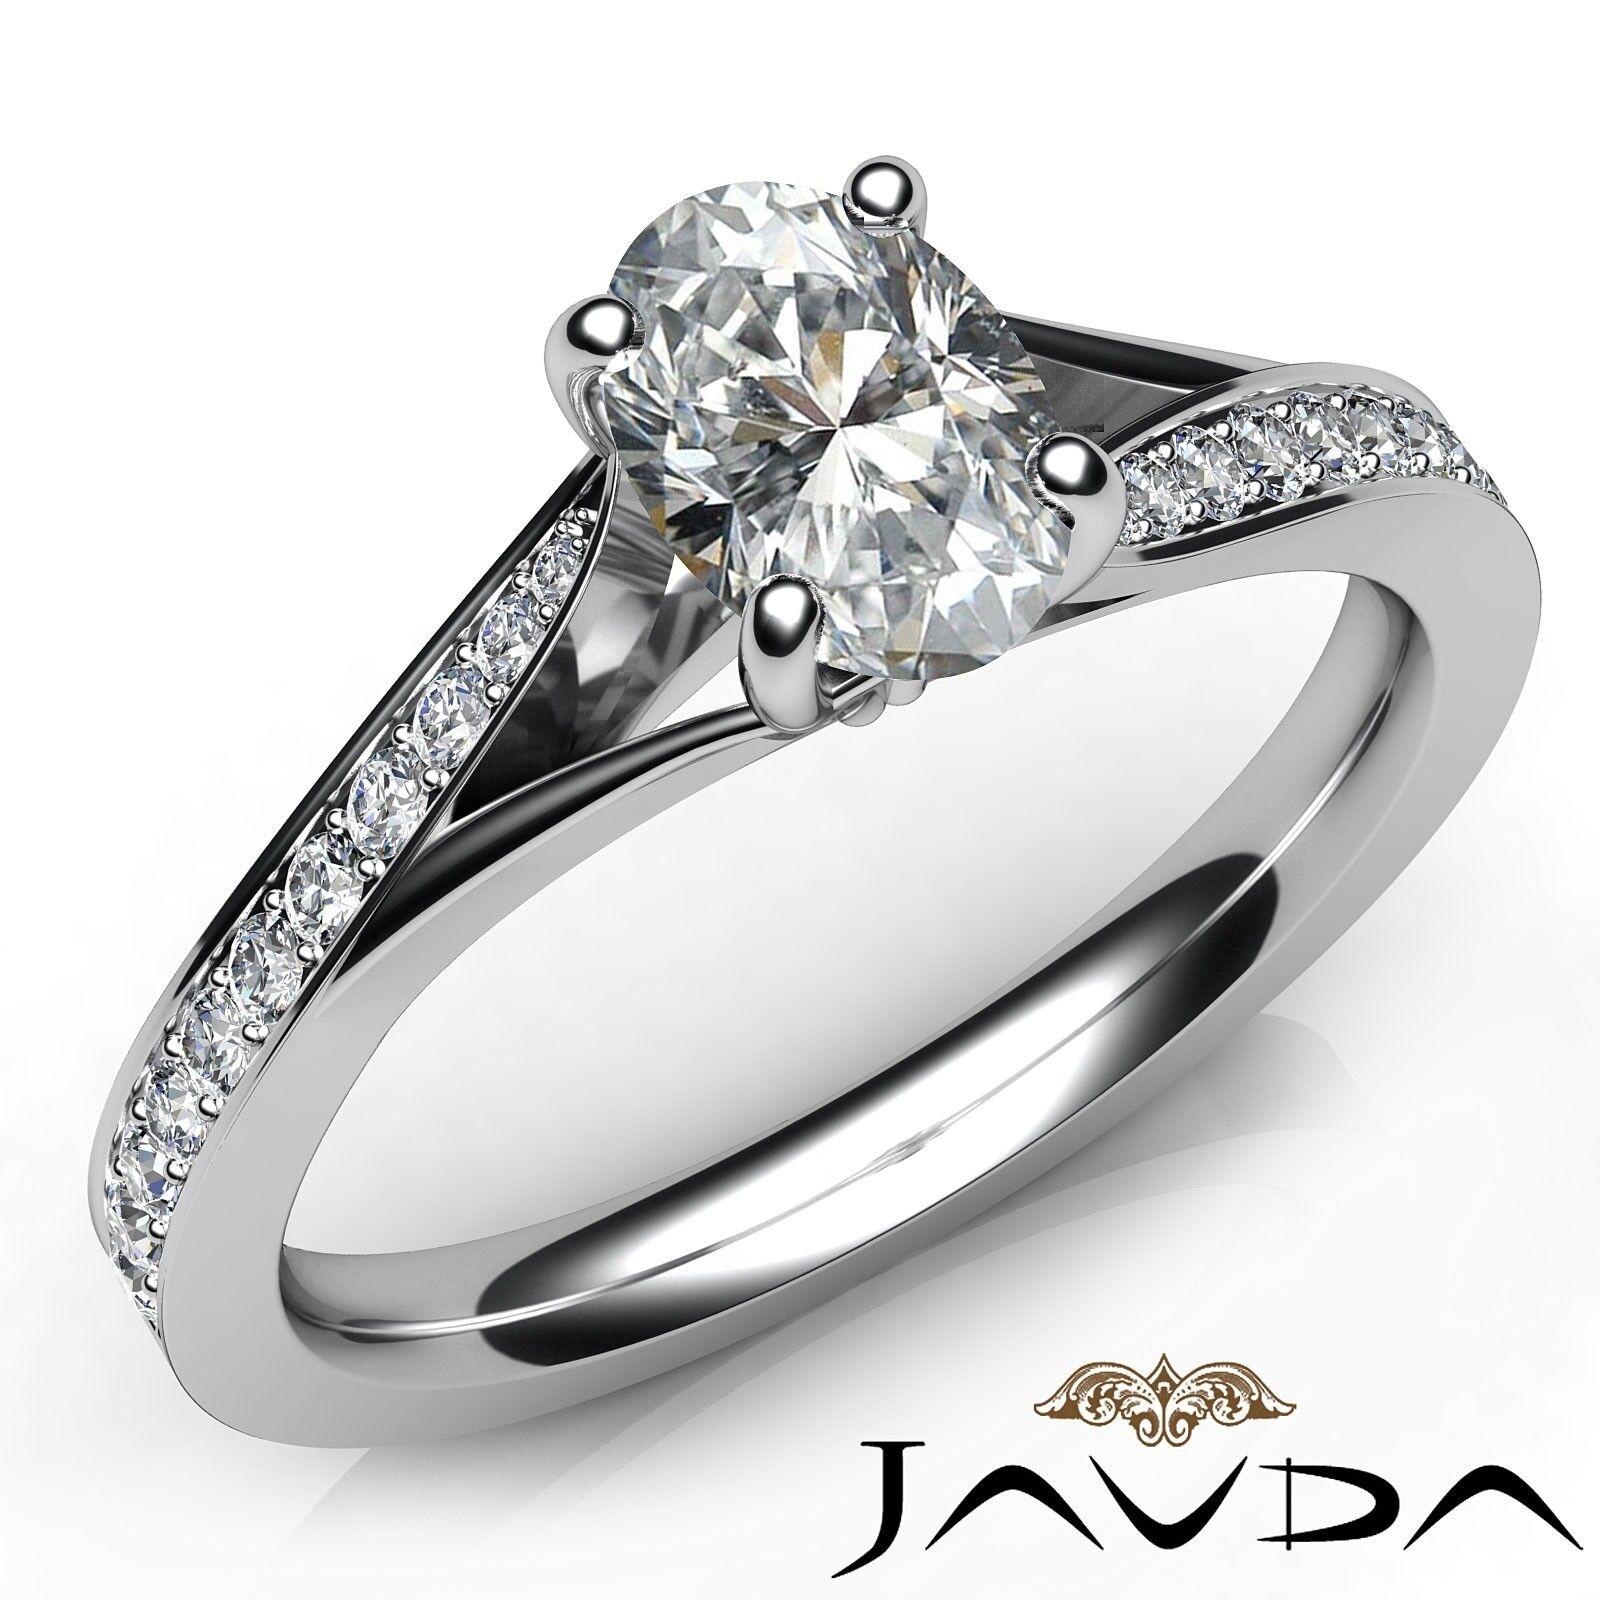 0.82ctw Circa Halo Oval Diamond Engagement Ring GIA E-SI1 White Gold Women Rings